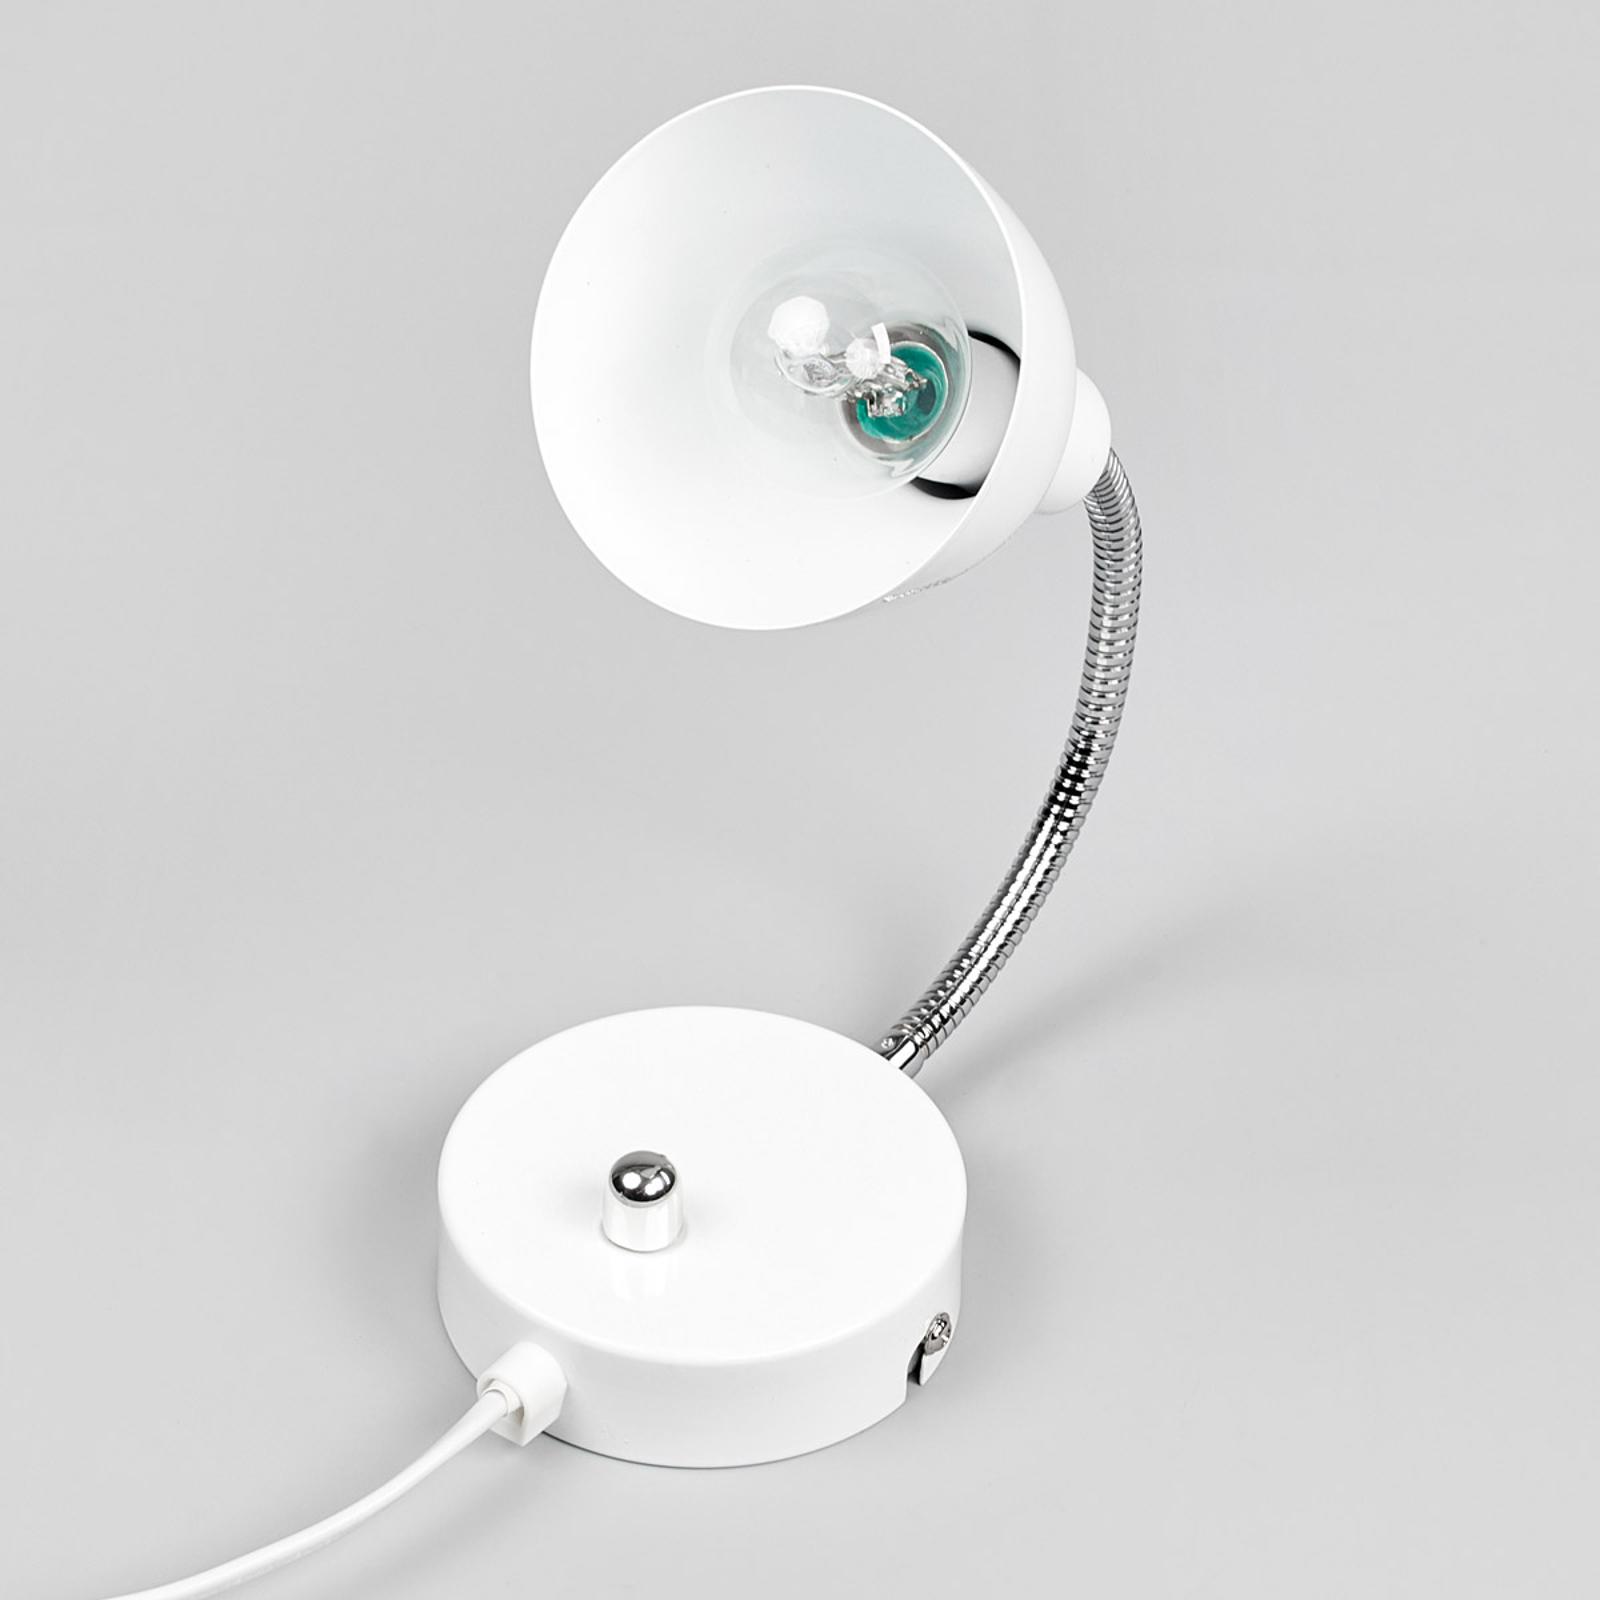 Wandleuchte Amrei Lampenwelt Flexarm Dimmer Wandlampe Flexible Lichtausrichtung